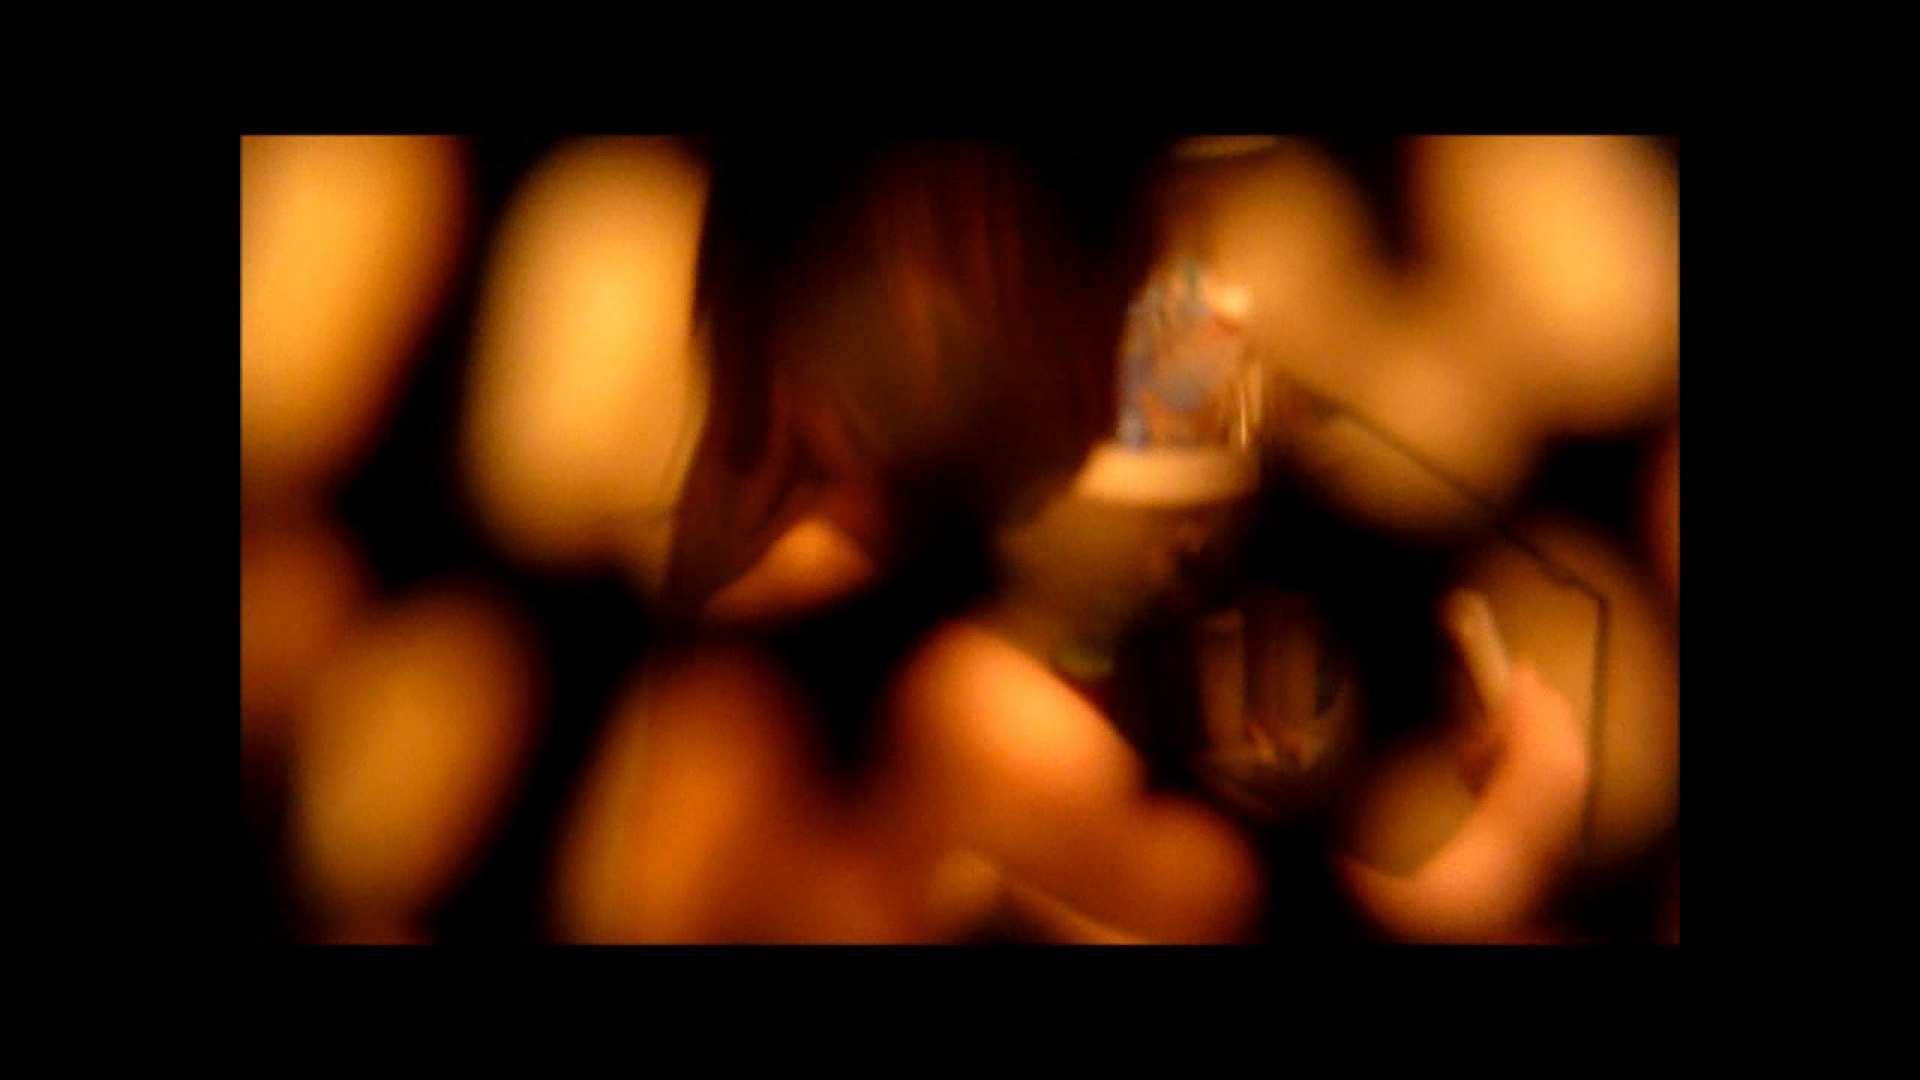 【02】ベランダに侵入して張り込みを始めて・・・やっと結果が出ました。 現役ギャル セックス無修正動画無料 79pic 2